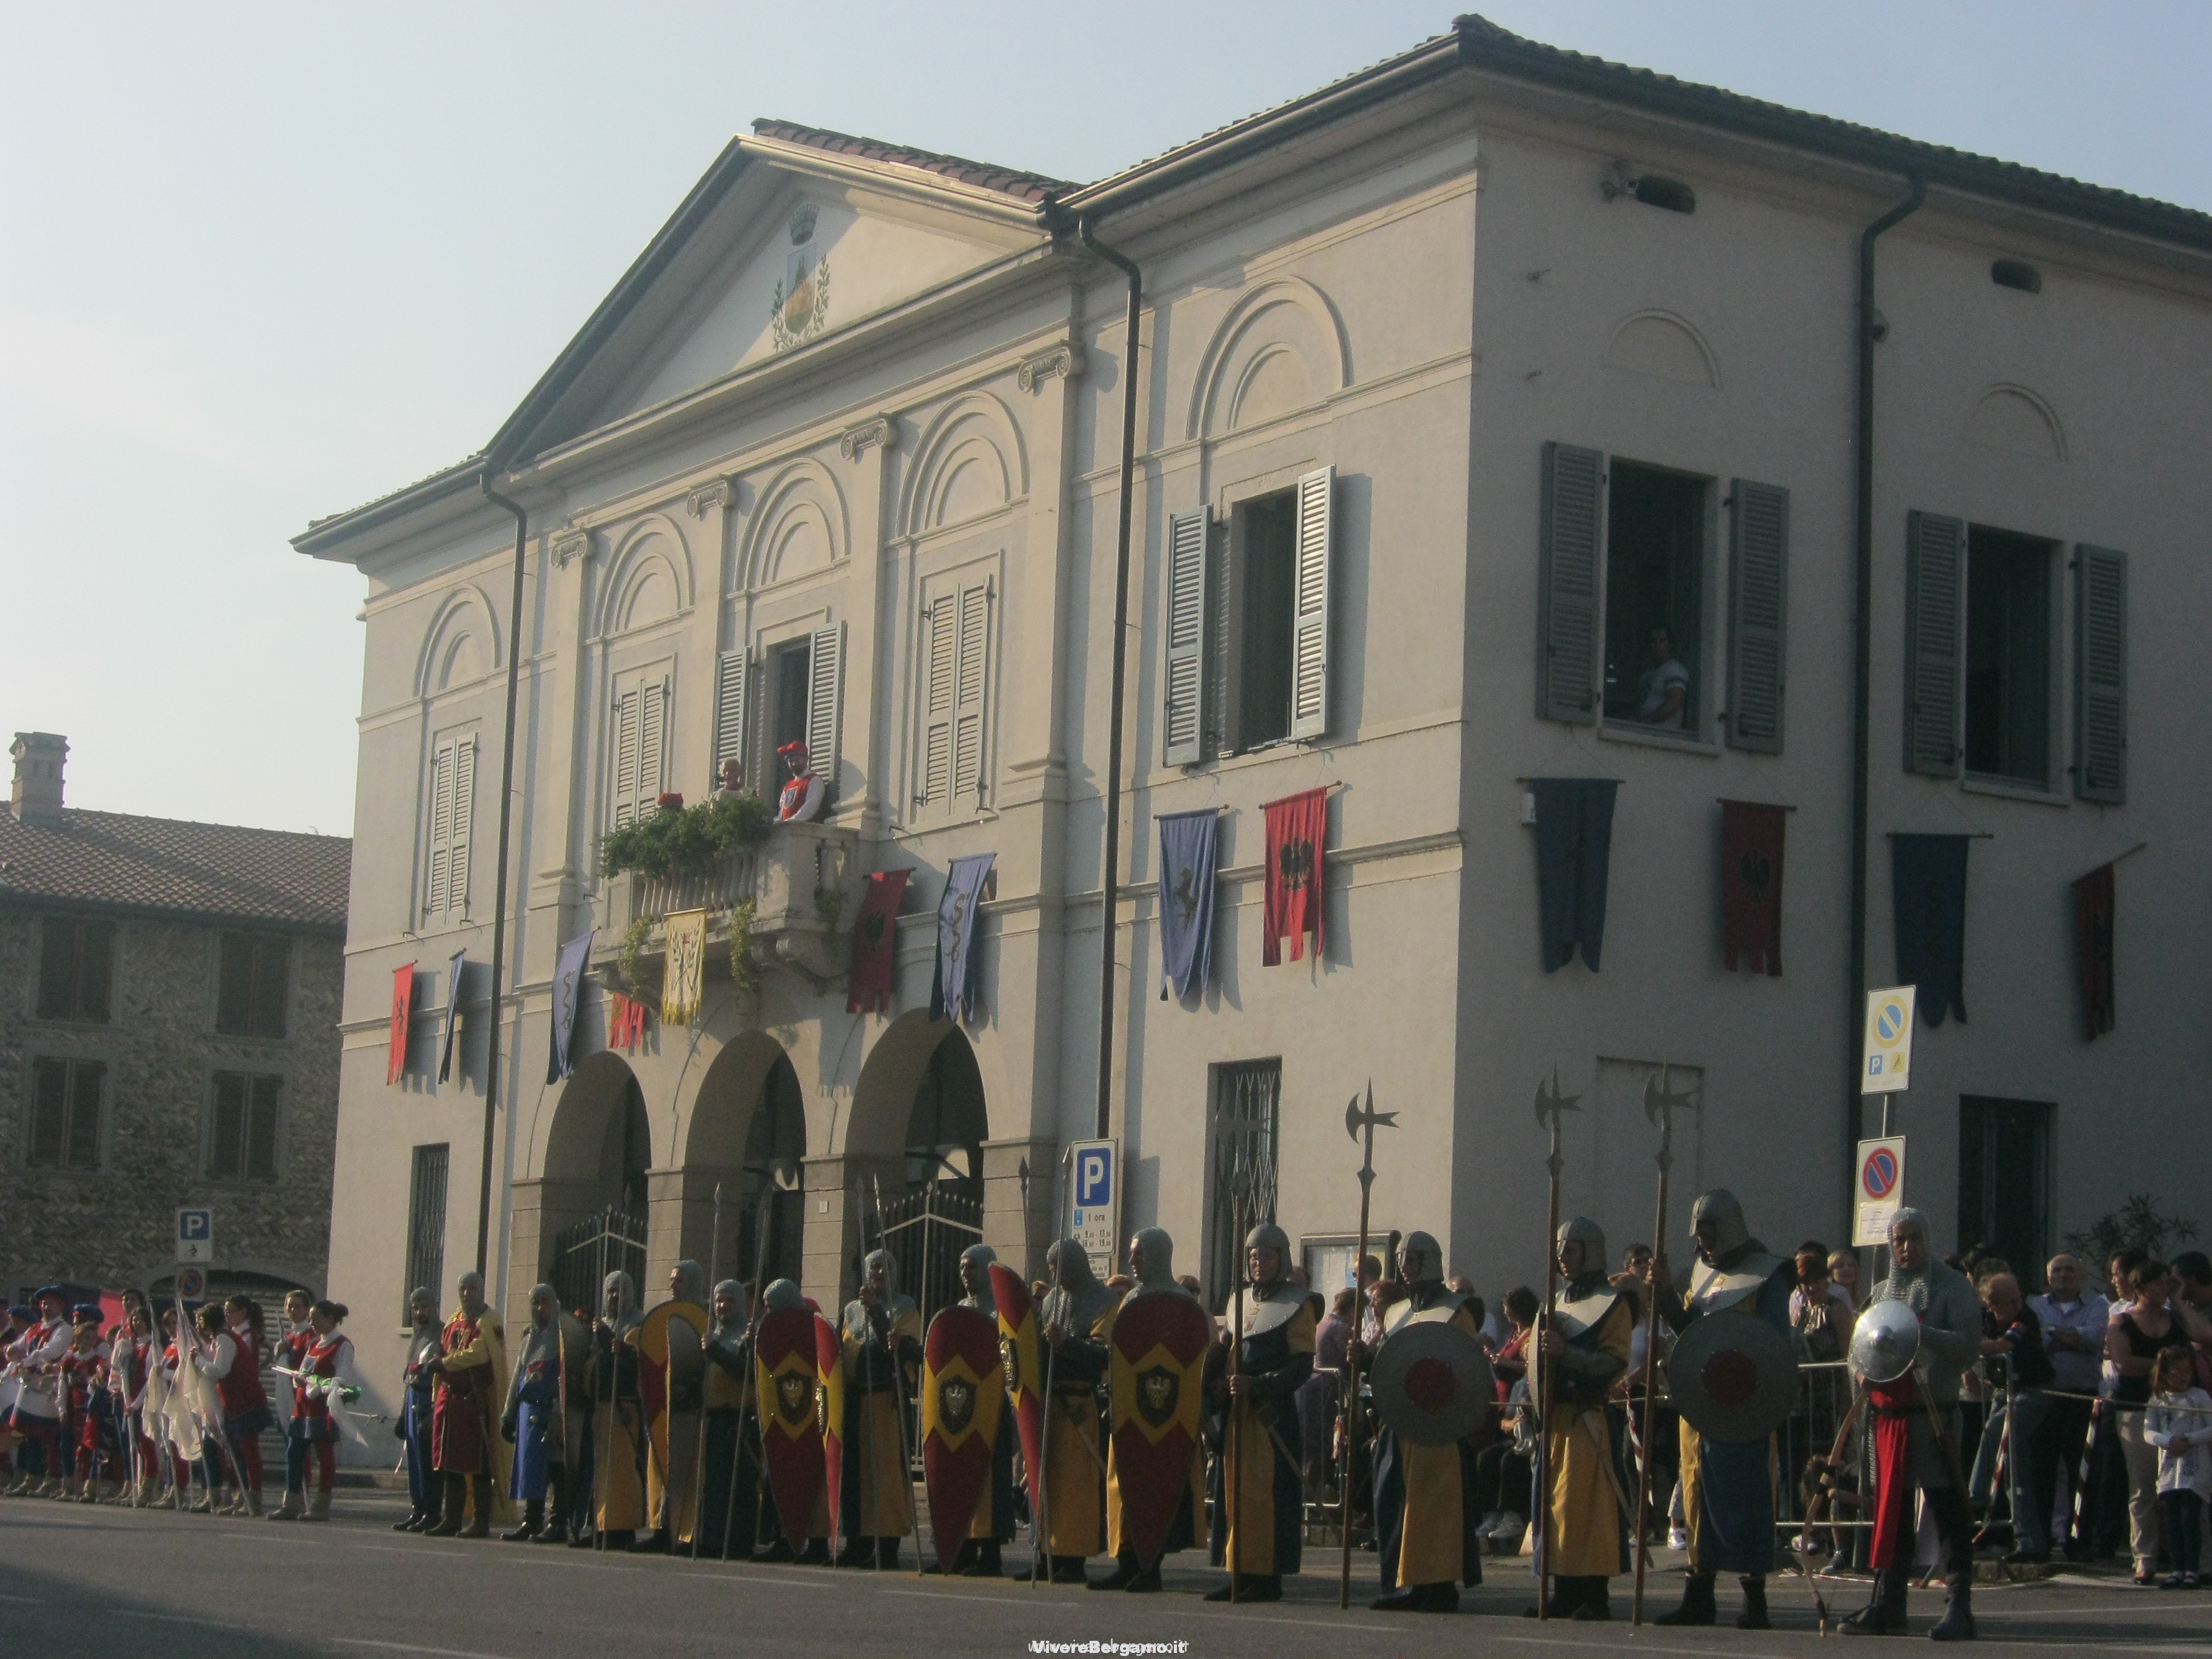 tradizioni-comune-Bonate-sotto-paese-di-bergamo-comune-provincia-di-bergamo-isola-bergamasca